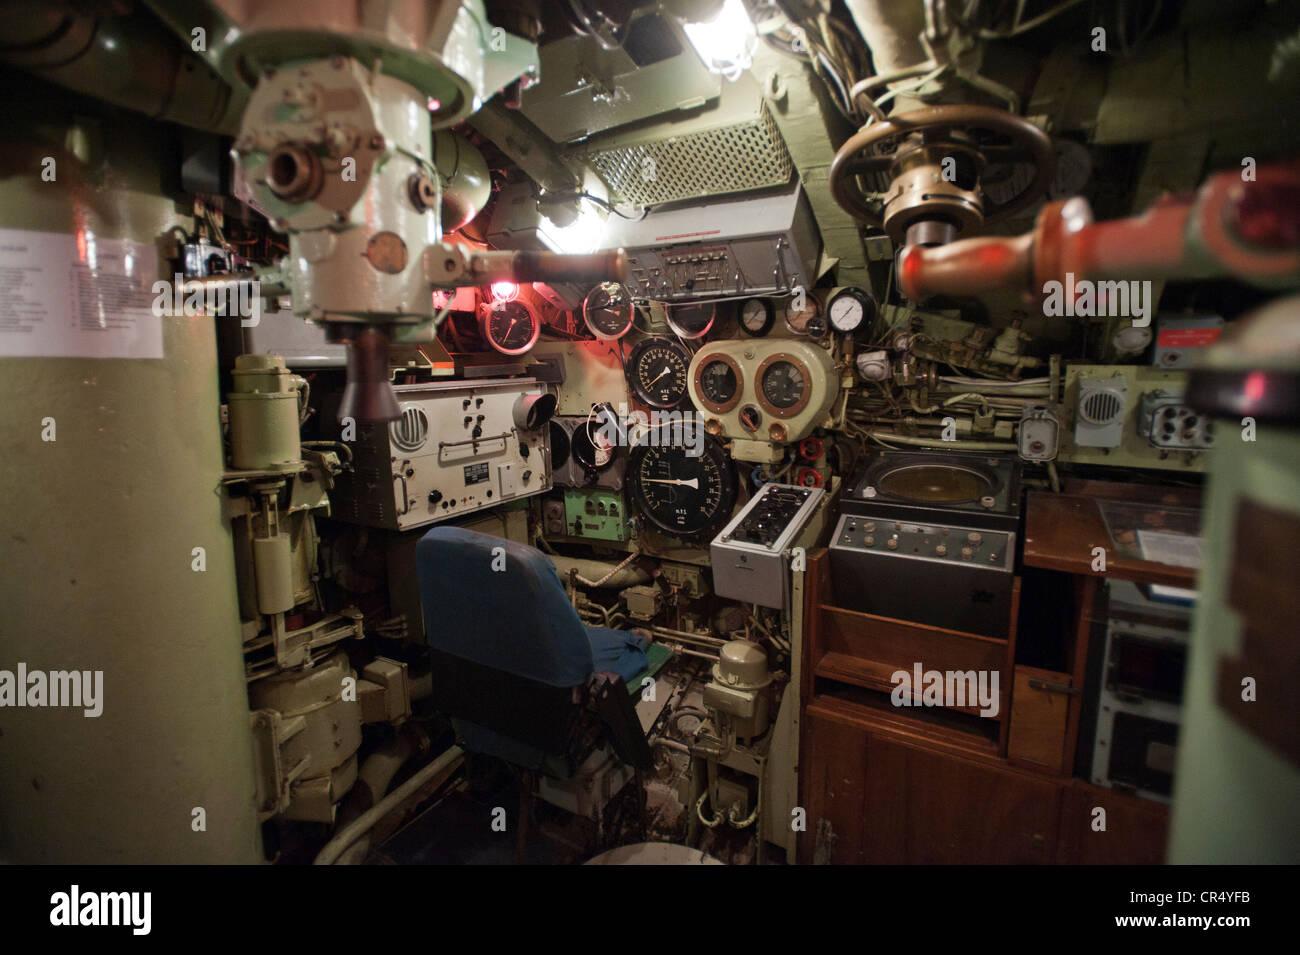 Barco submarino, command center, el Museo Naval y Marítimo, Aalborg, región norte de Jutlandia, Dinamarca, Imagen De Stock